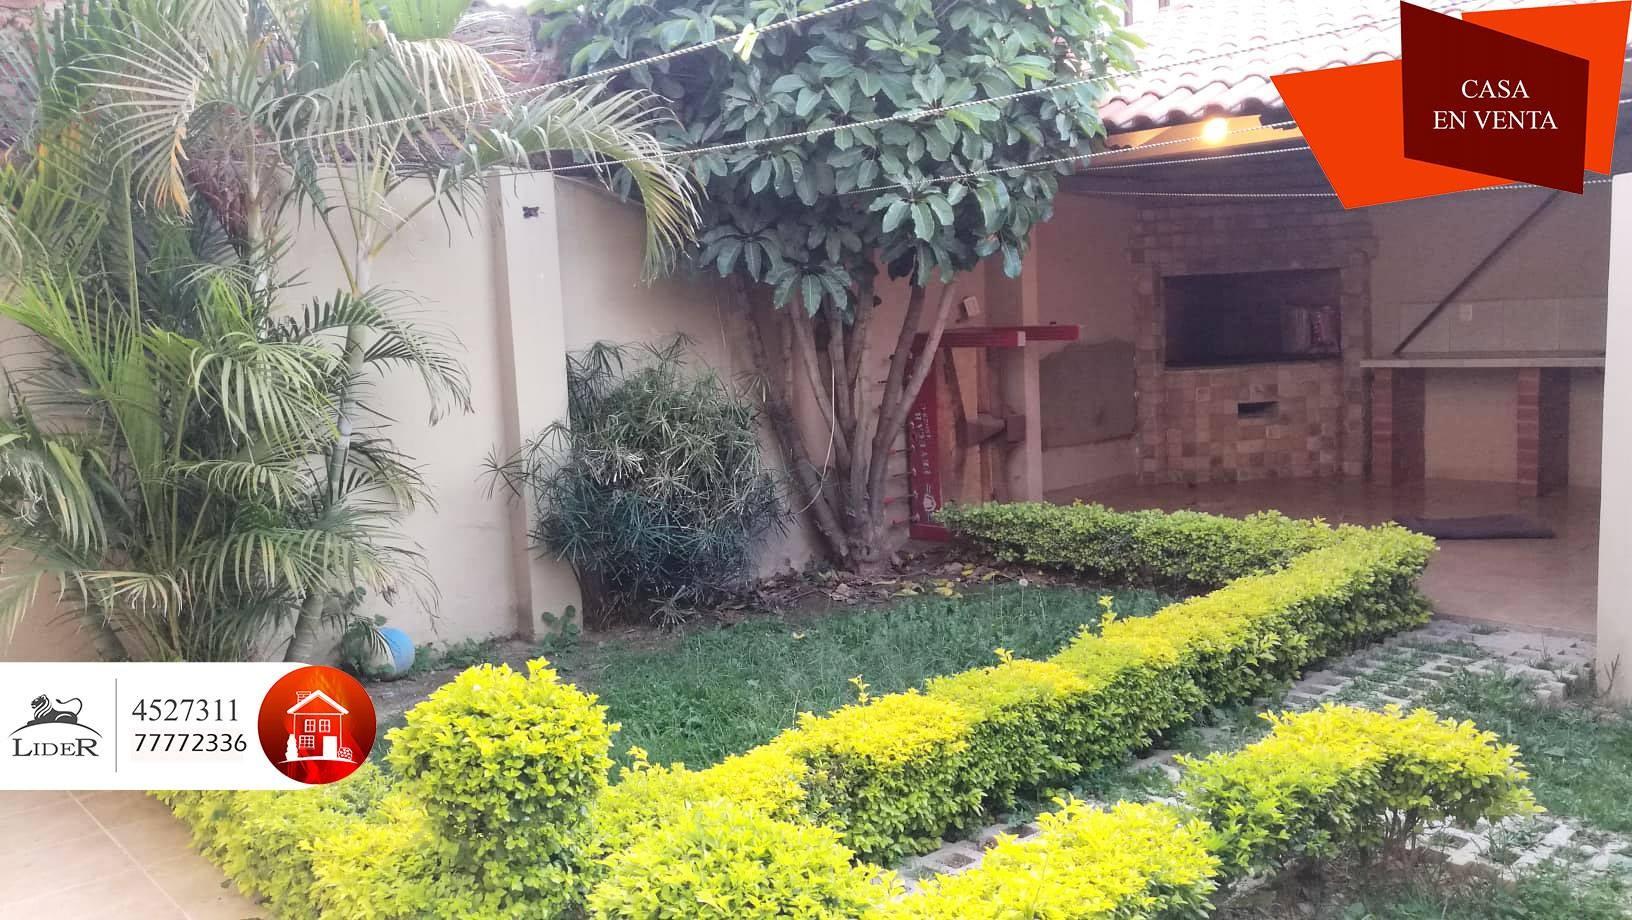 Casa en Venta CHALET PROXIMO AV. AMÉRICA OESTE (BARRIO PROFESIONAL) Foto 4